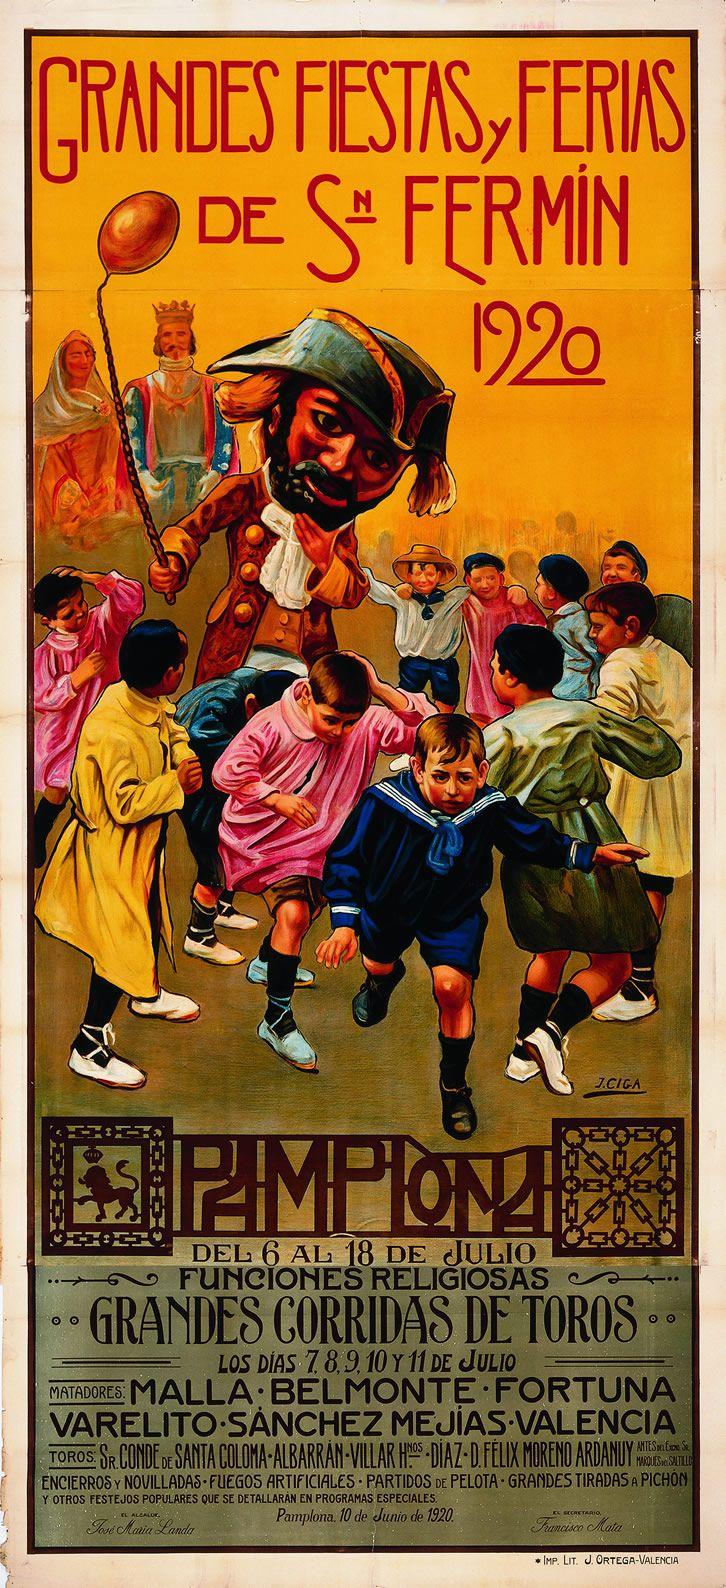 Cartel de los Sanfermines de 1920 - Fiestas y ferias de San Fermín, Pamplona :: Autor: Javier Ciga #Pamplona